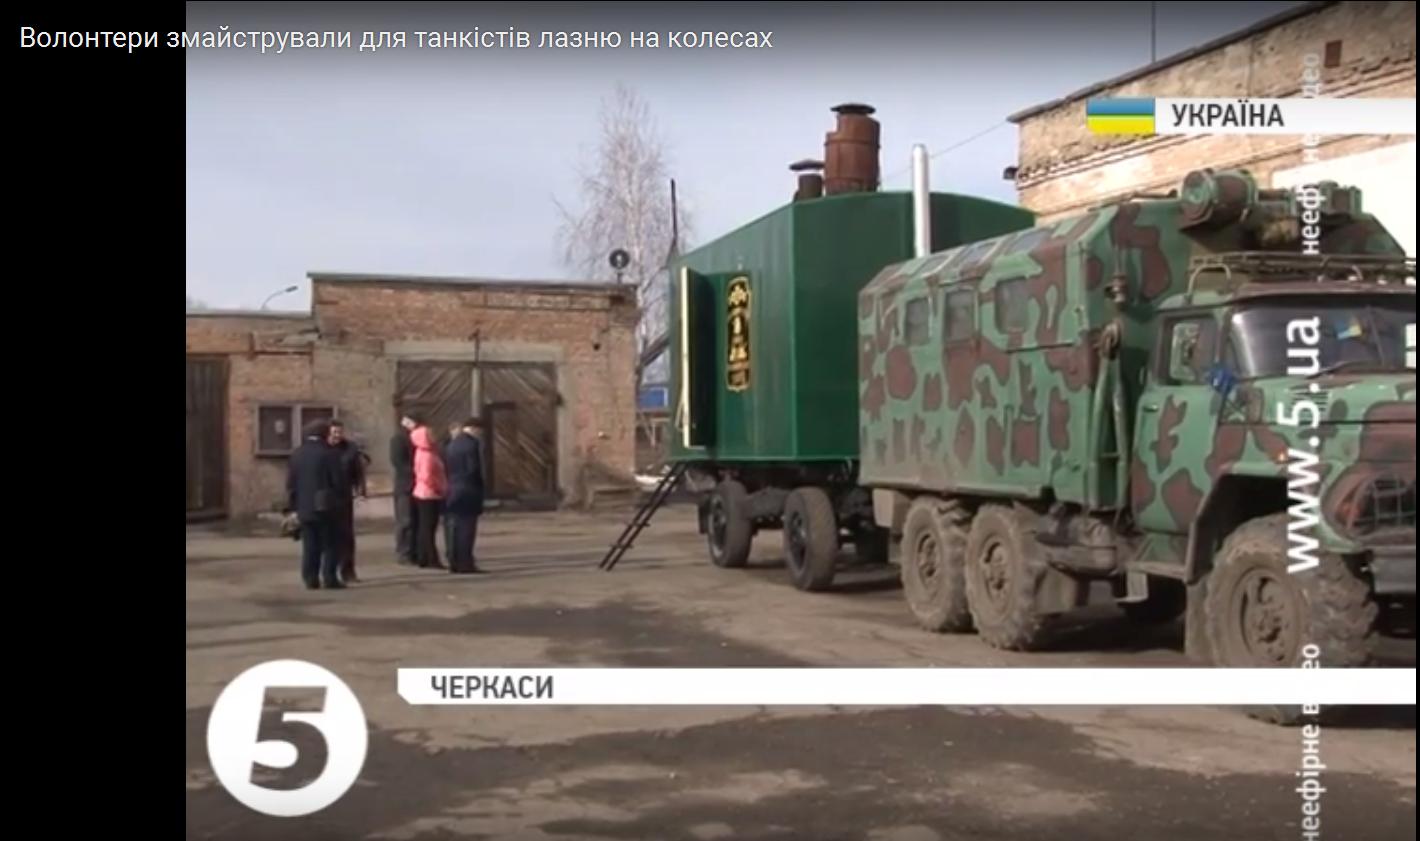 Украинские волонтеры передали танкистам мобильную баню